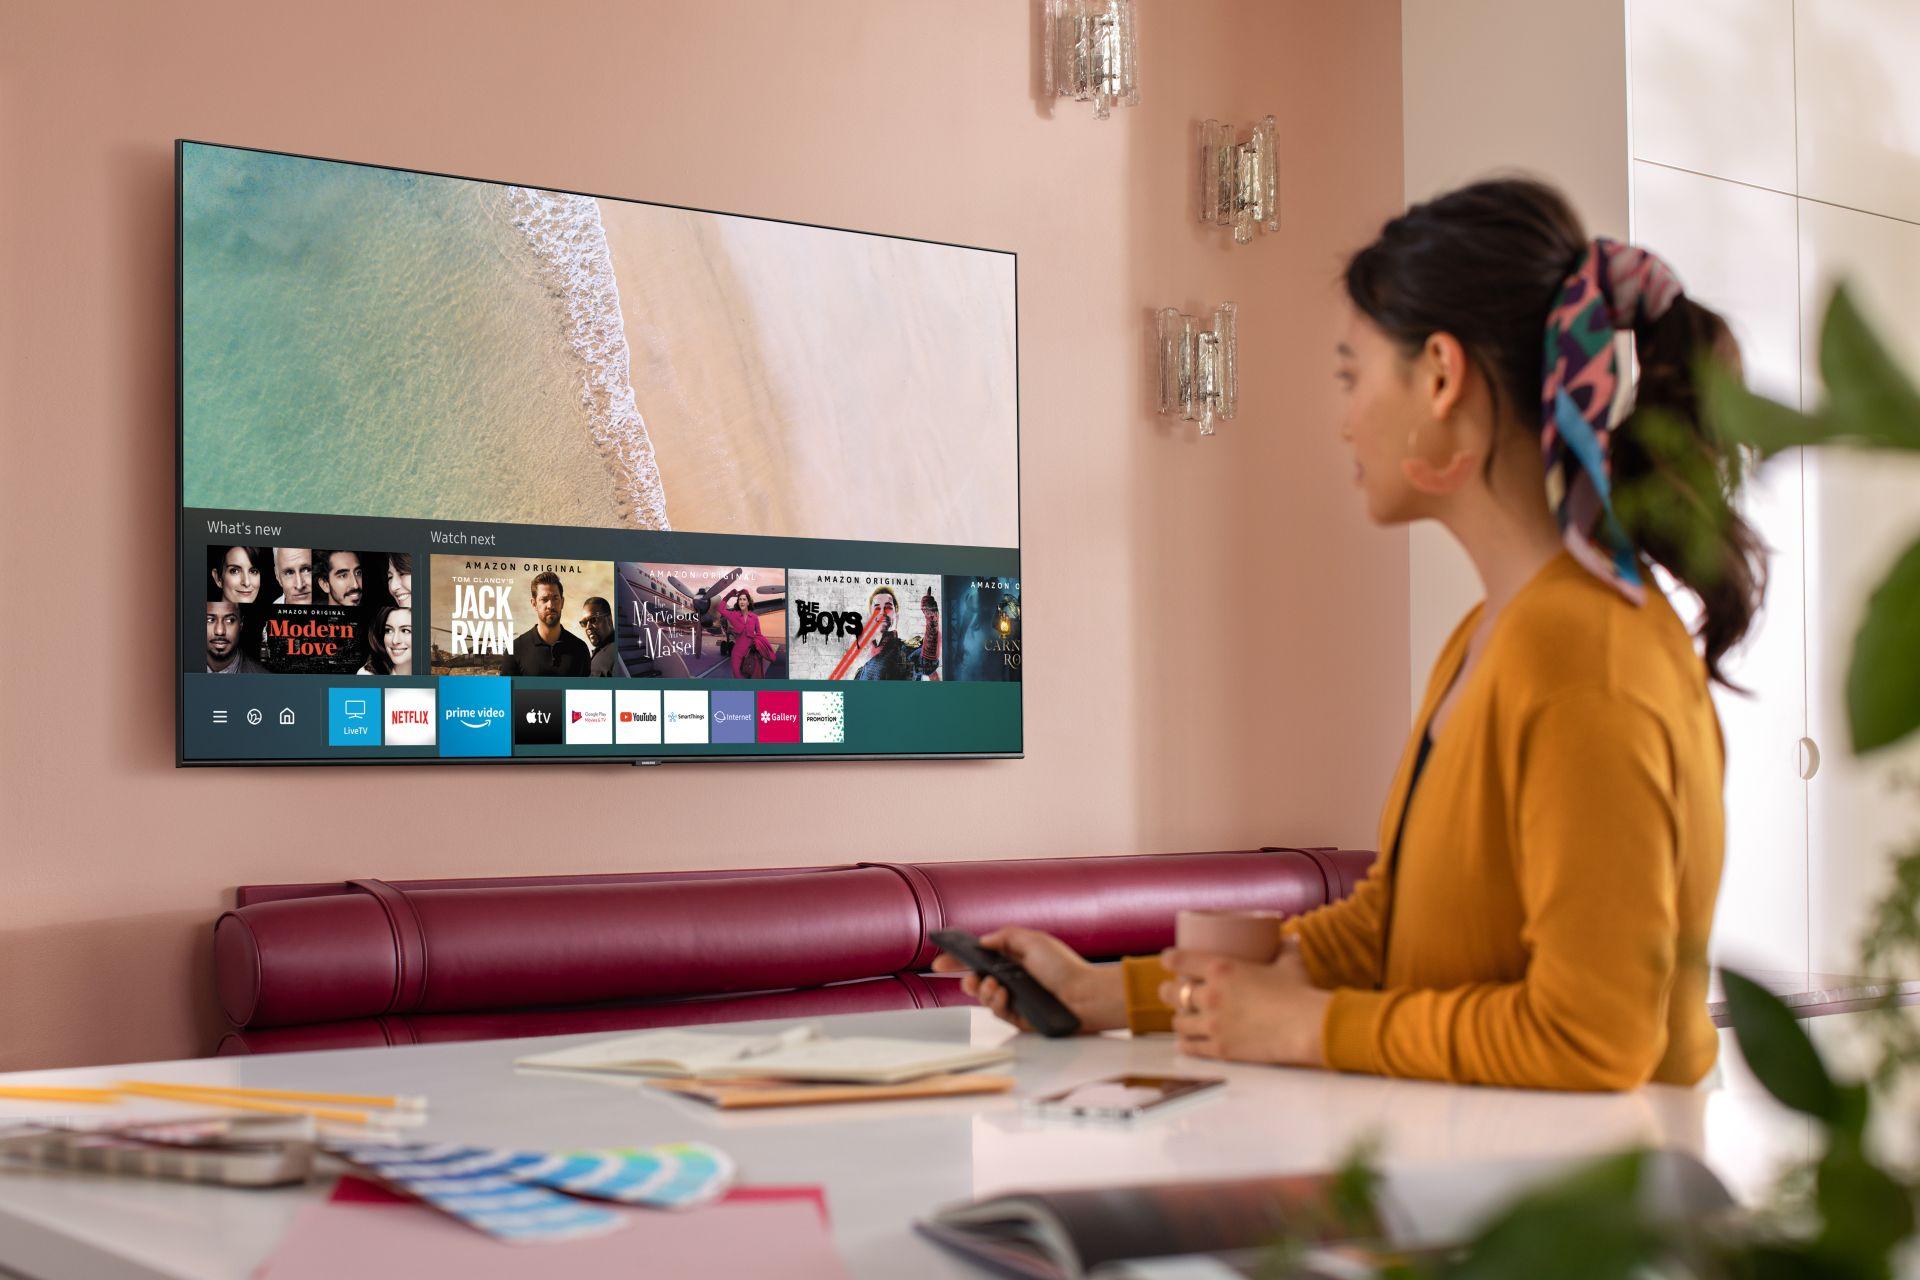 Ponad 2 miliony gospodarstw domowych w Polsce aktywnie korzysta z Samsung Smart TV